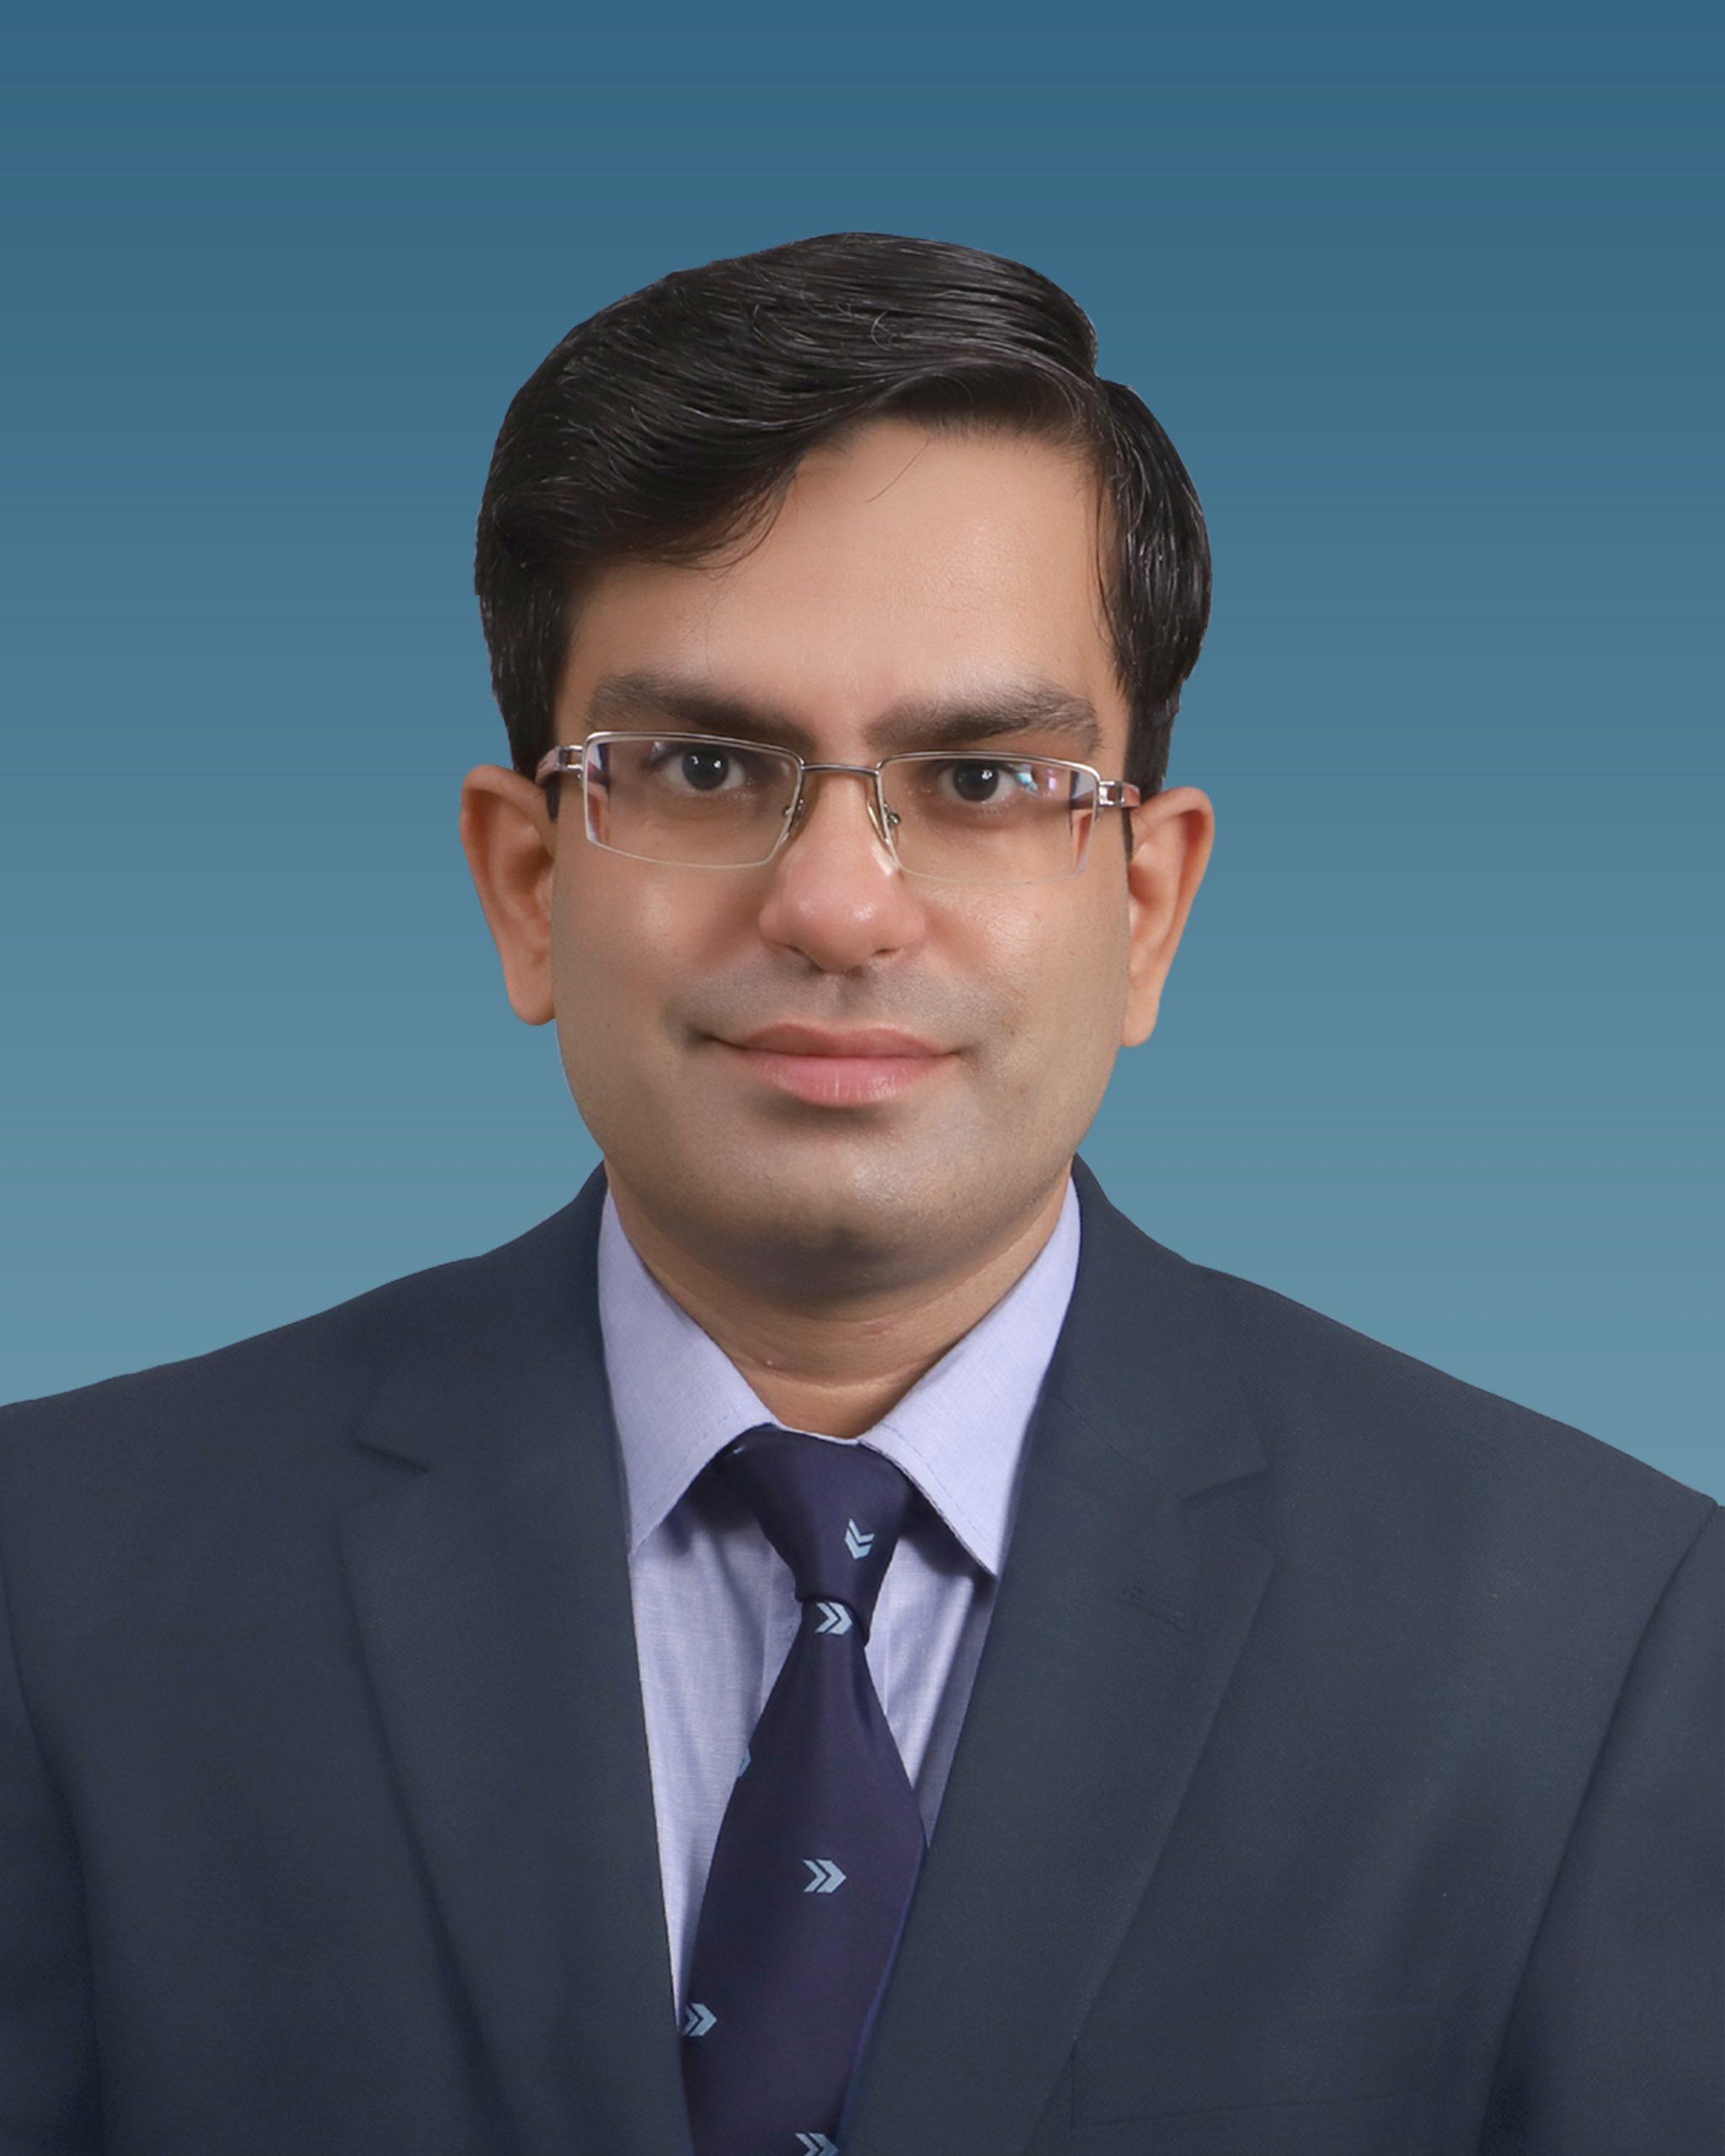 Mr. Dheeraj Bhushan